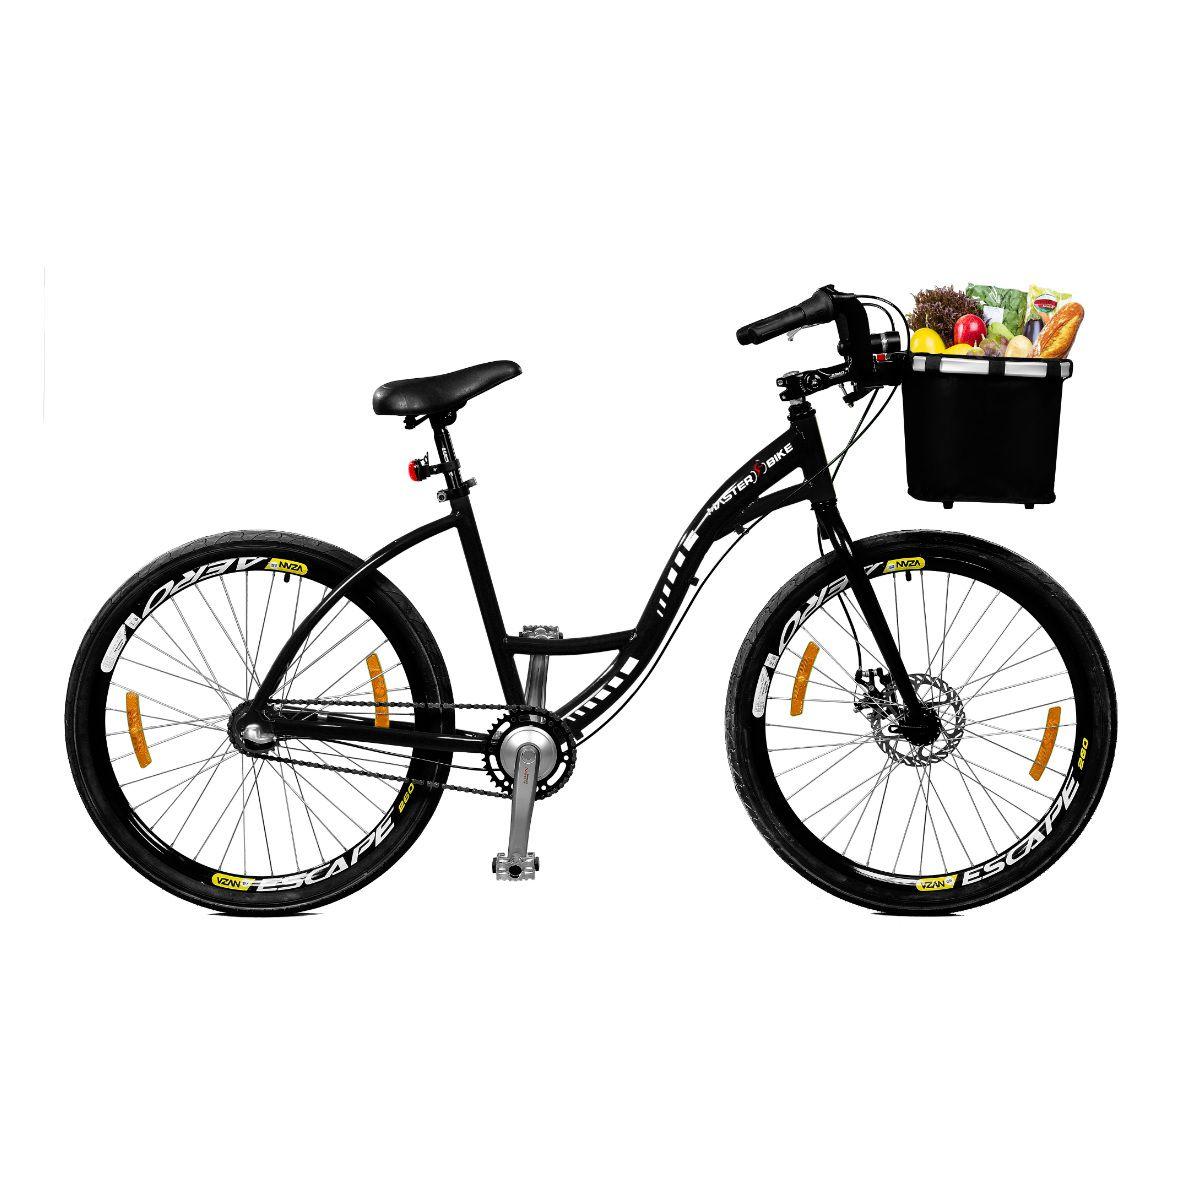 Bicicleta Master Bike Aro 26 Urbis Freio à Disco 3 V Nexus c/ Cesta Preto